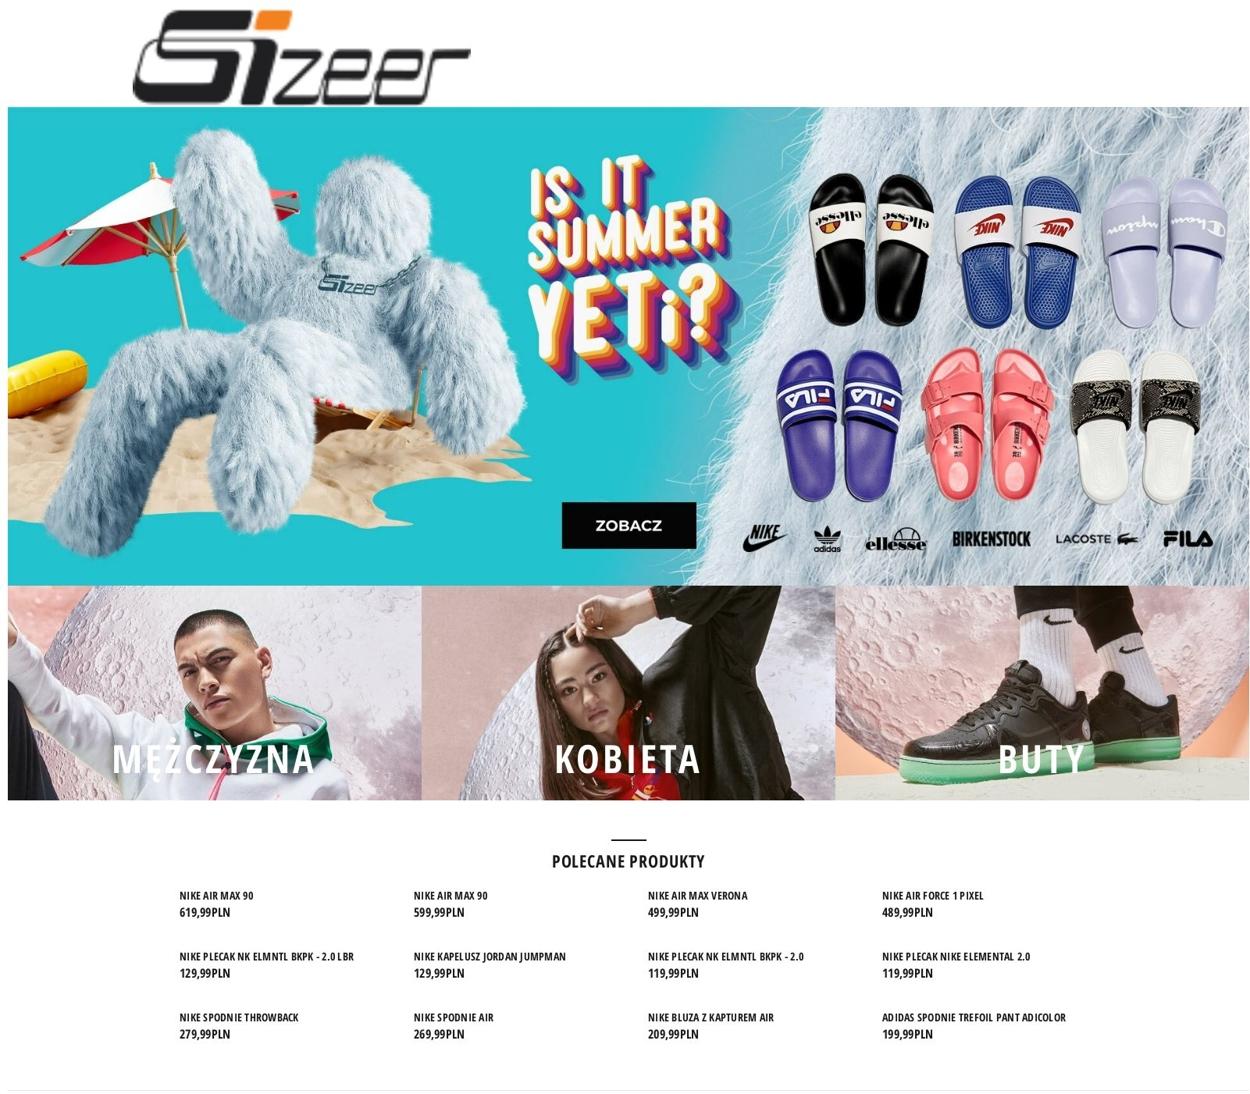 Gazetka promocyjna Sizeer - 05.05-11.05.2021